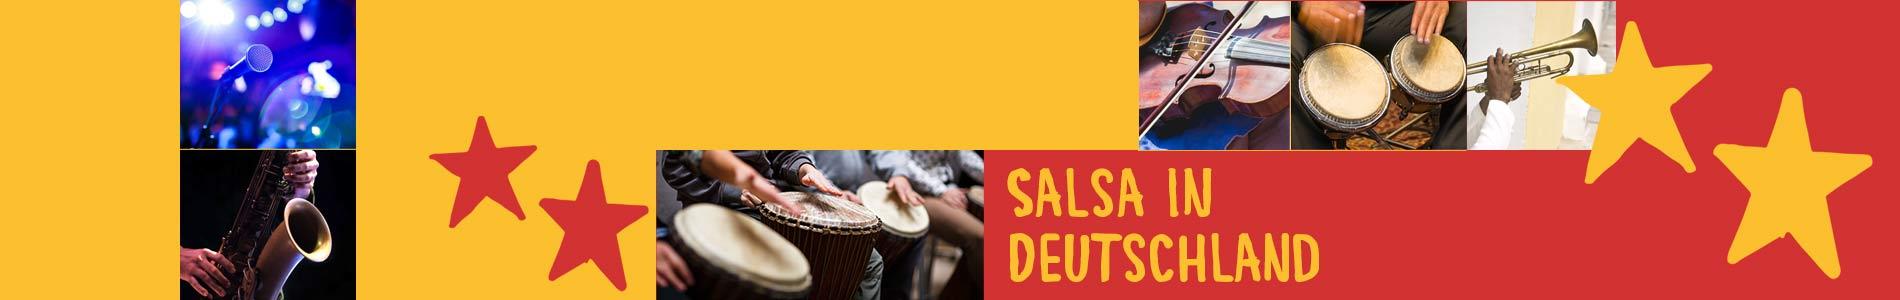 Salsa in Daun – Salsa lernen und tanzen, Tanzkurse, Partys, Veranstaltungen